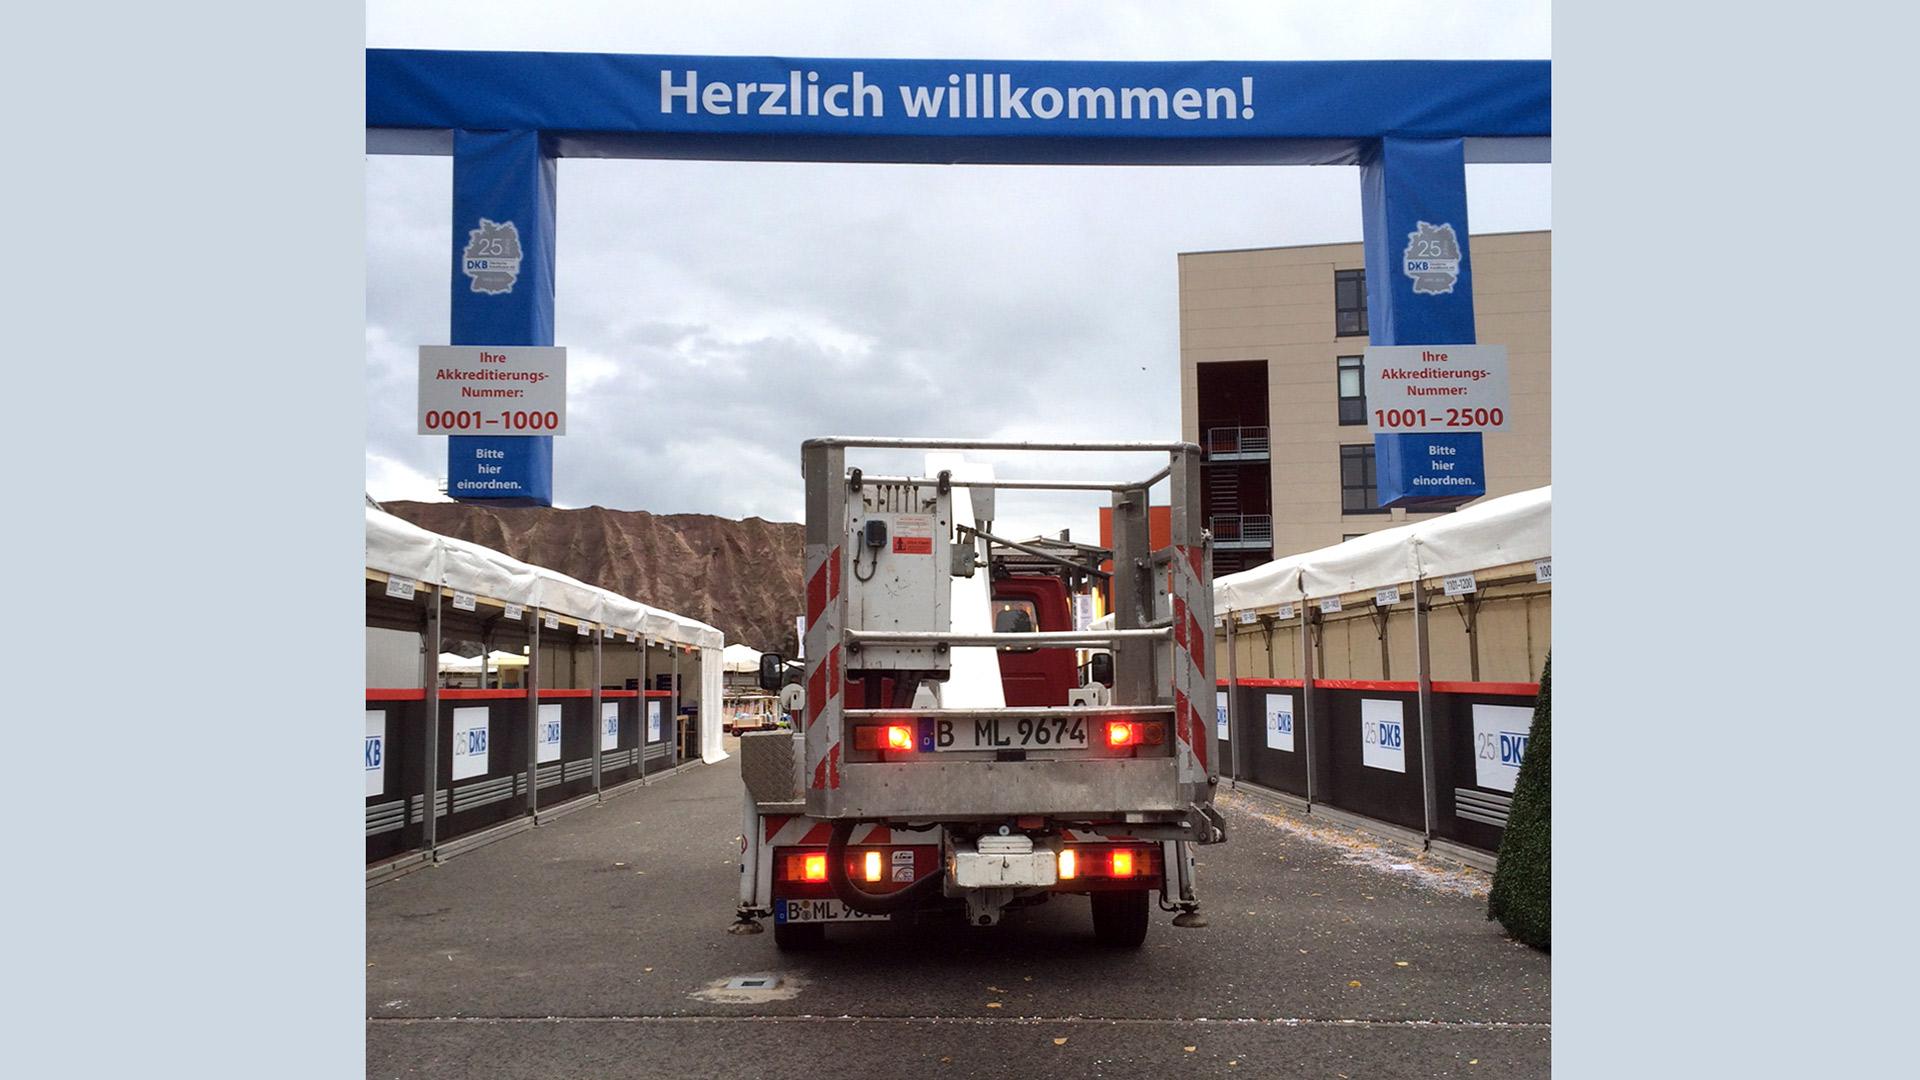 Filmpark-Babelsberg-Sonderbau-Matti-Michalke-Berlin-Brandenburg-Aussenwerbung-Innenwerbung-Banner-Planen-Folien-Werbemittel-Druck-Print